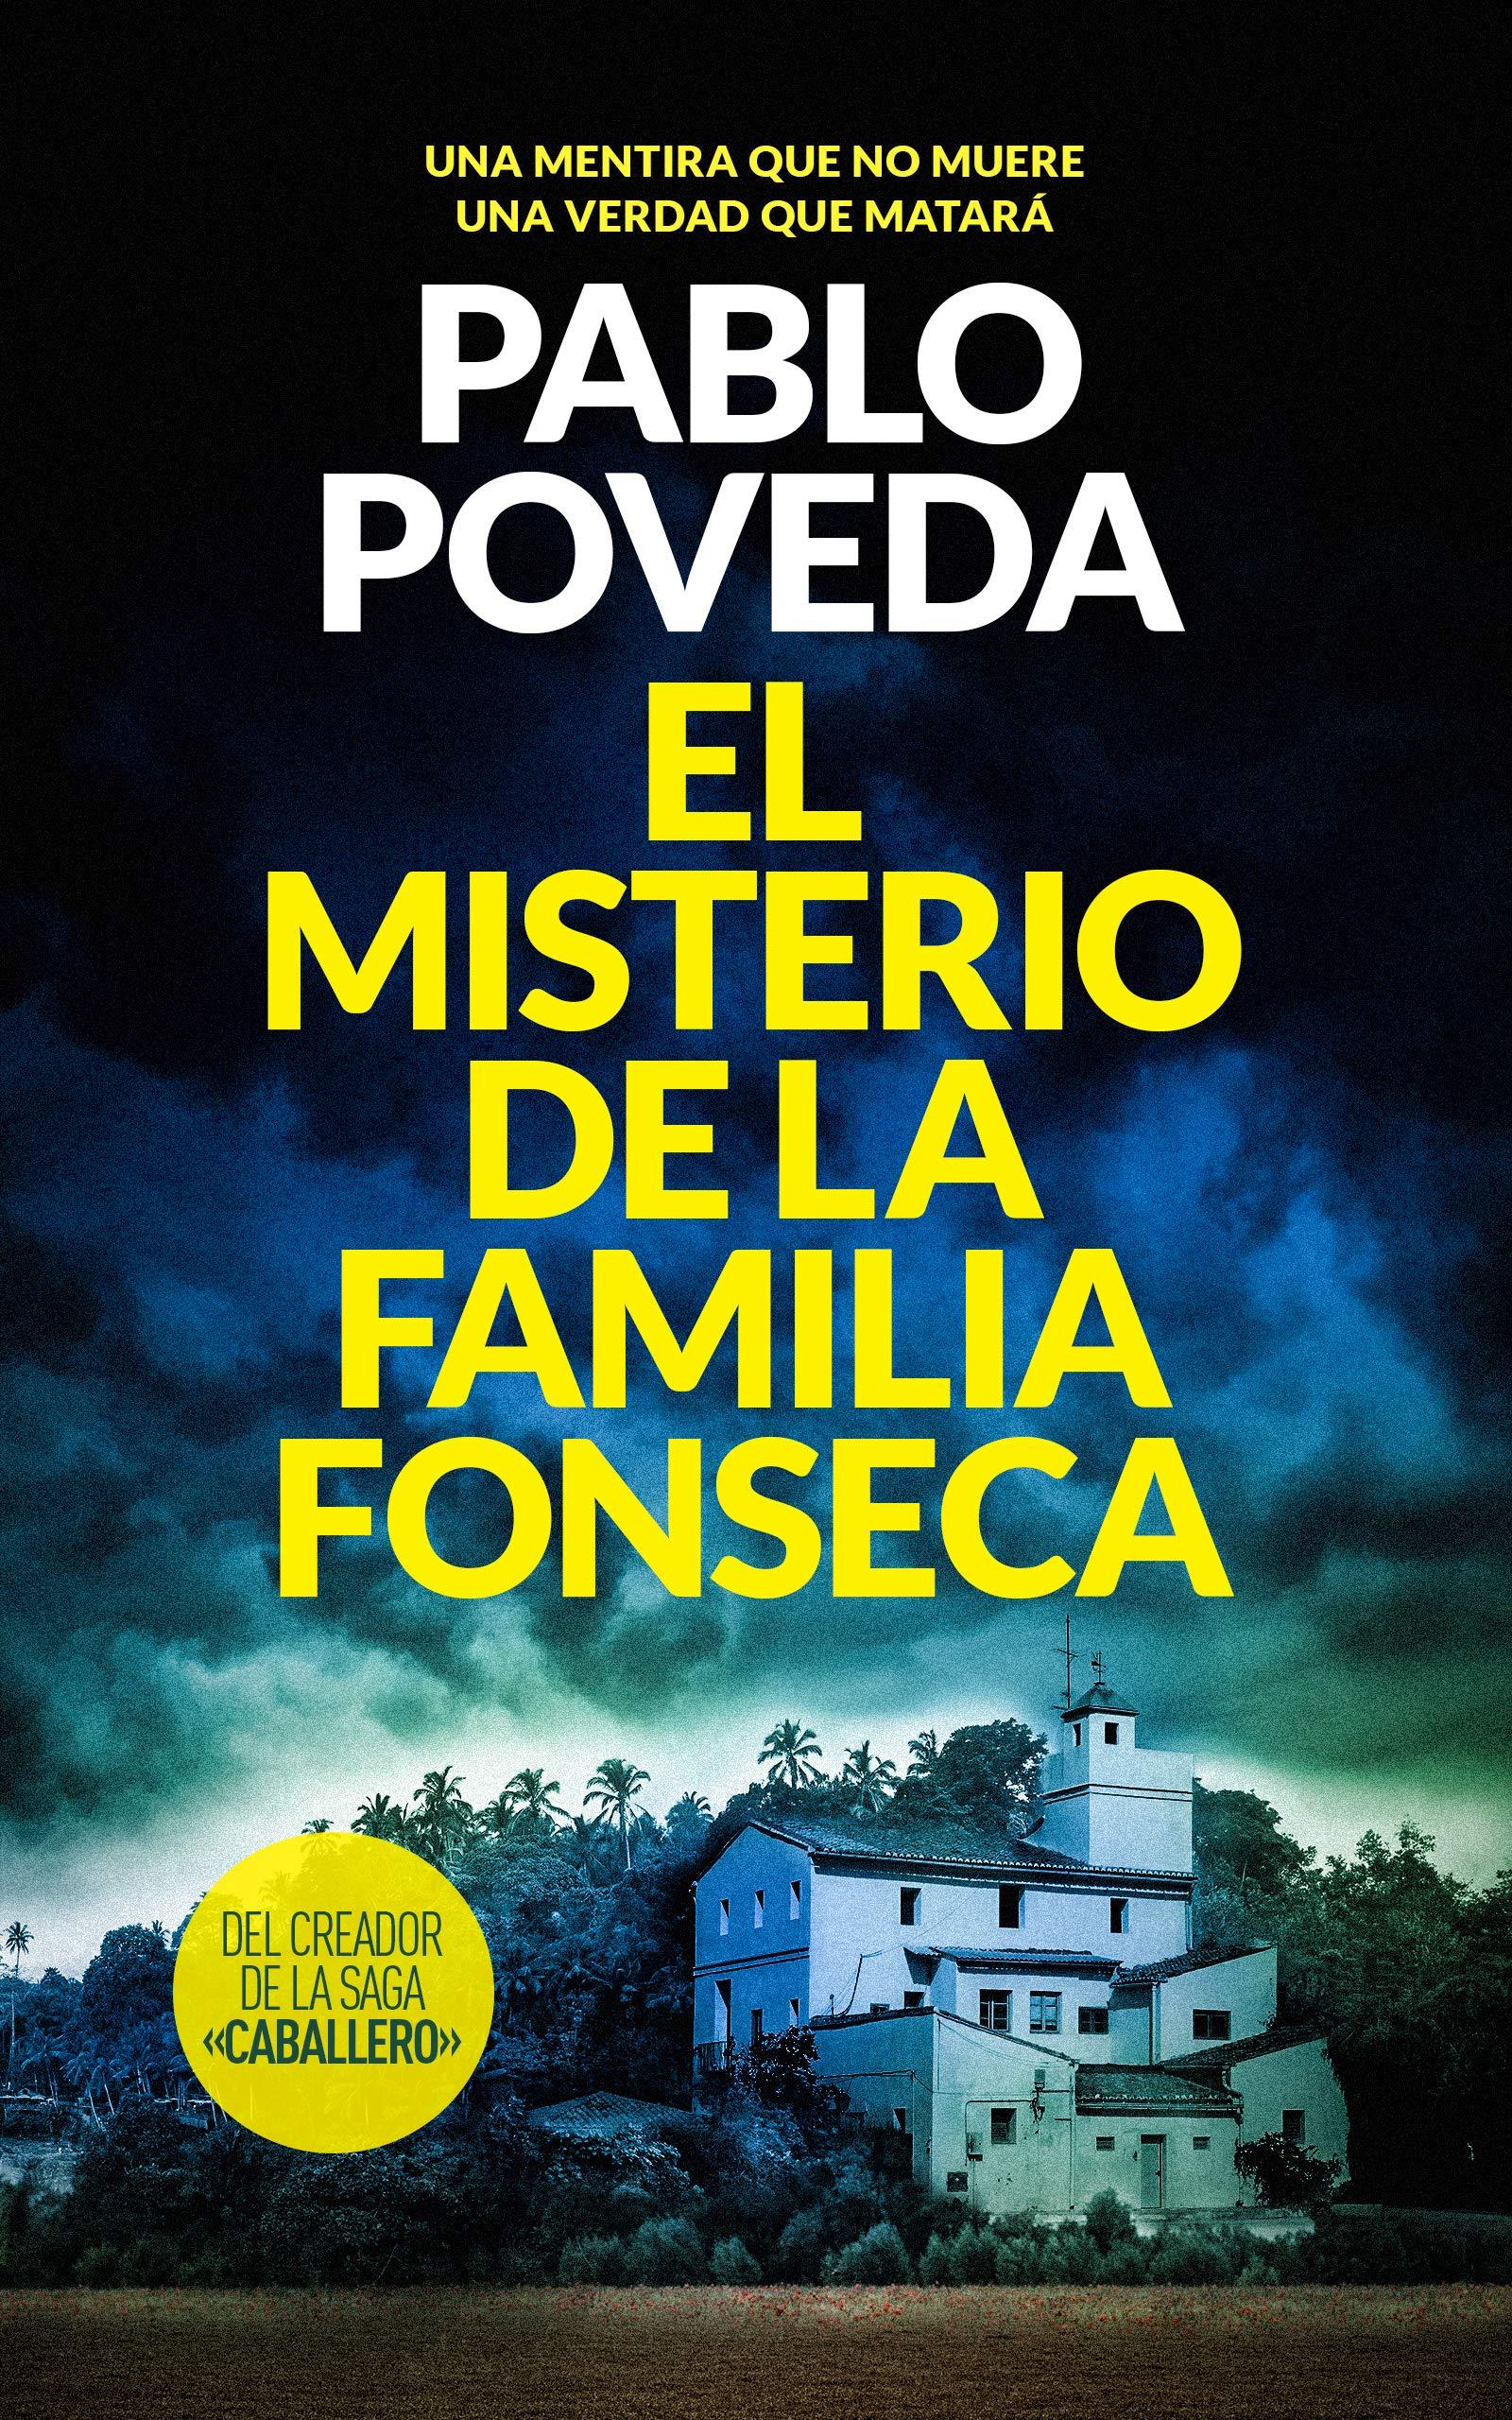 El Misterio de la Familia Fonseca: Un thriller mediterráneo por Pablo Poveda